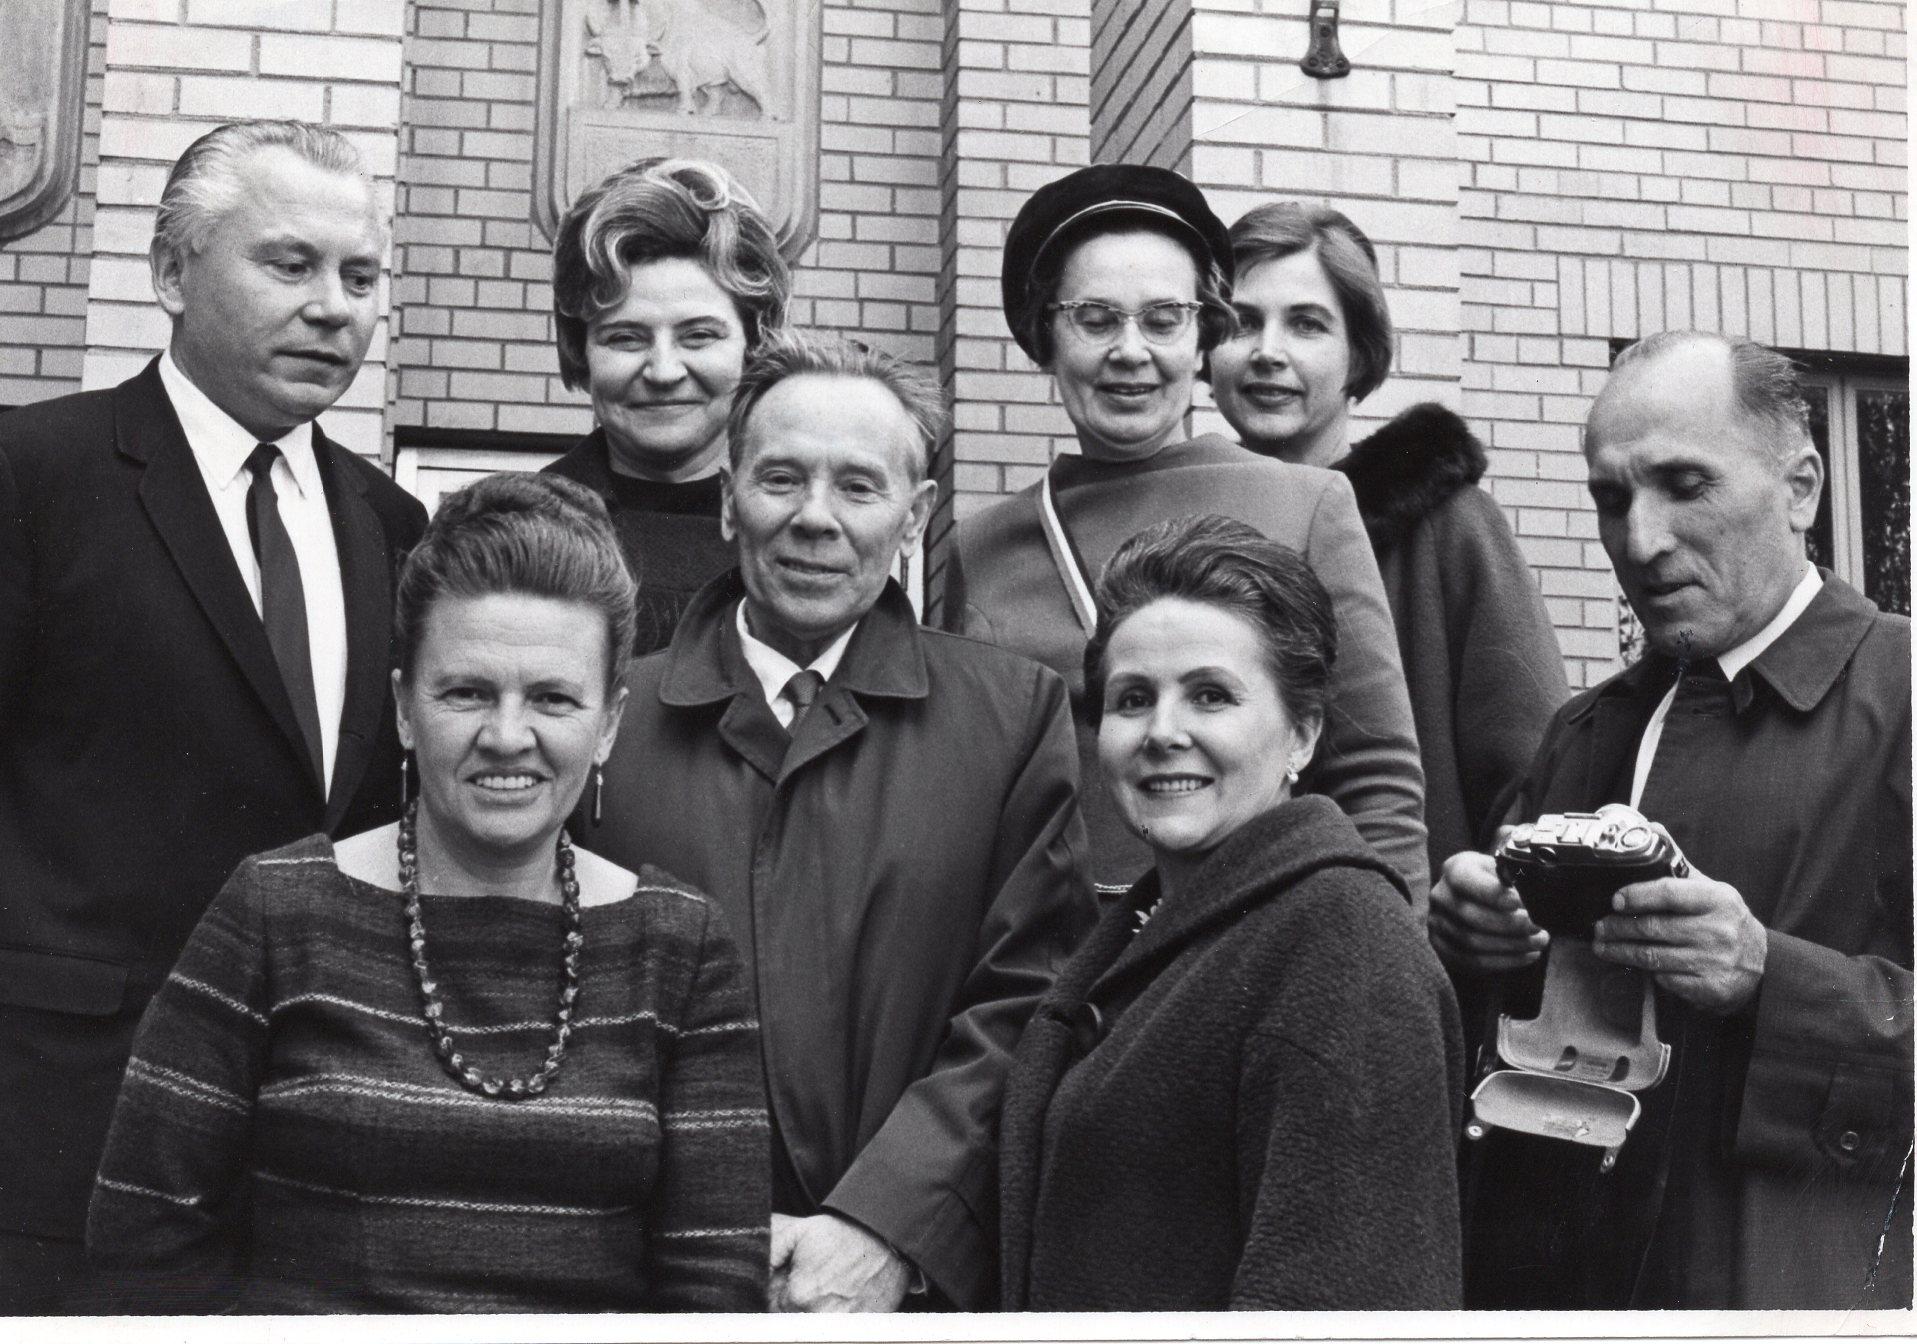 """""""Šatrijos"""" draugijos nariai, po Jonui Aisčiui (centre) skirto kūrybos vakaro Čikagoje. K. Bradūnienė ir J. Švabaitė. Antroje eilėje – K. Bradūnas, A. Grincevičienė, D. Lipčiūtė-Augienė, nežin. asmuo, Č. Grincevičius"""